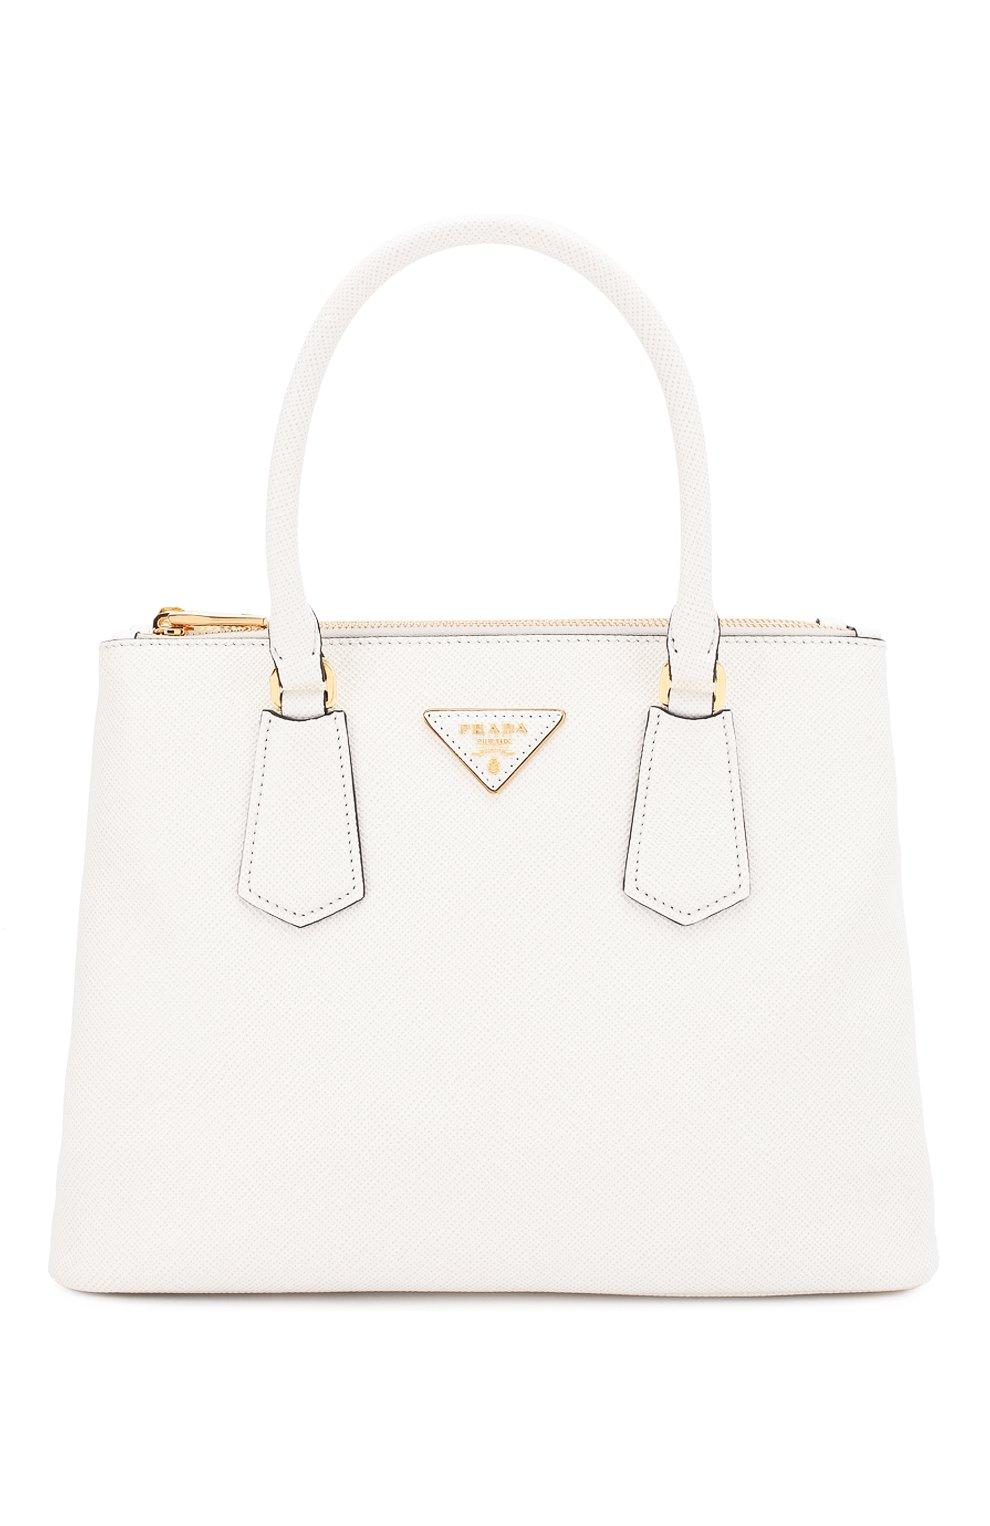 9b5e2eada76f Женская сумка galleria PRADA белая цвета — купить за 176500 руб. в ...